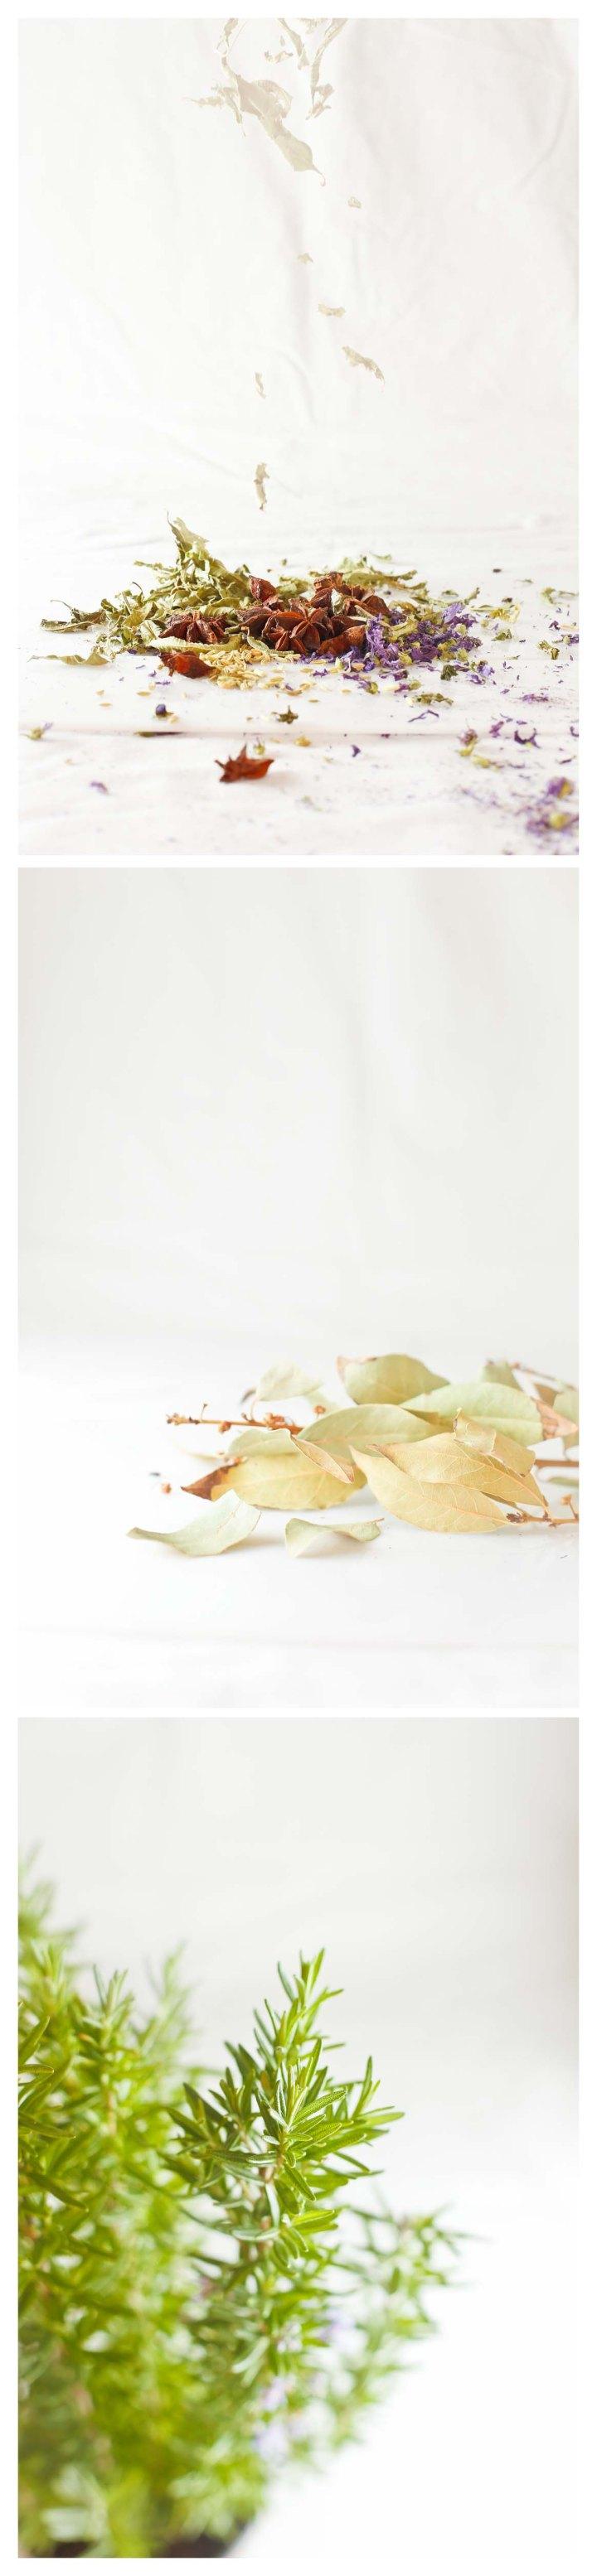 hierbas-laurel-romero